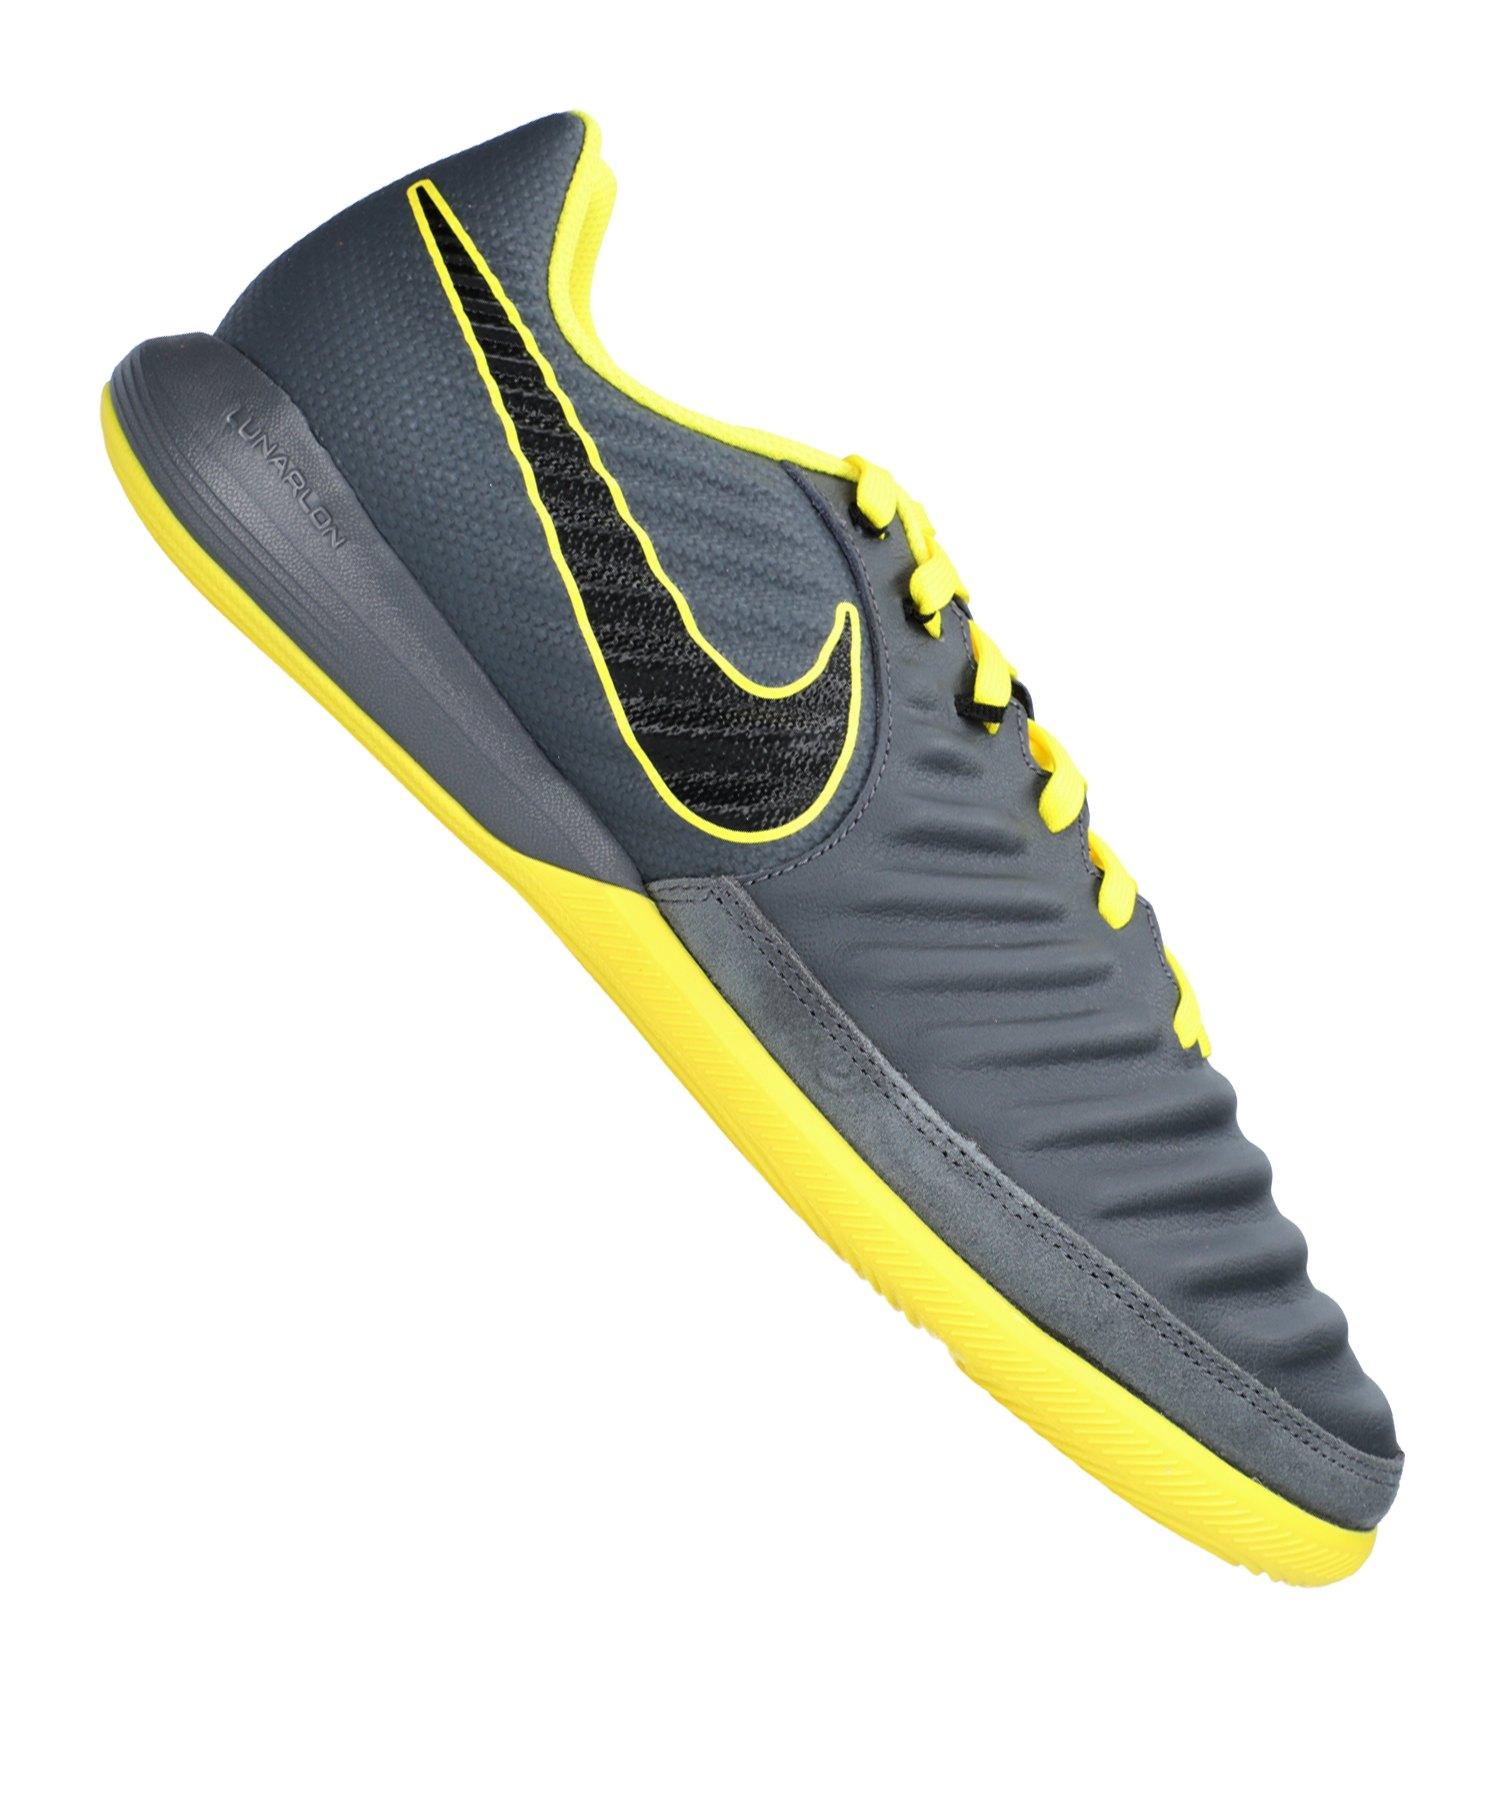 Nike Tiempo LegendX VII Pro IC Grau Gelb F070 - grau